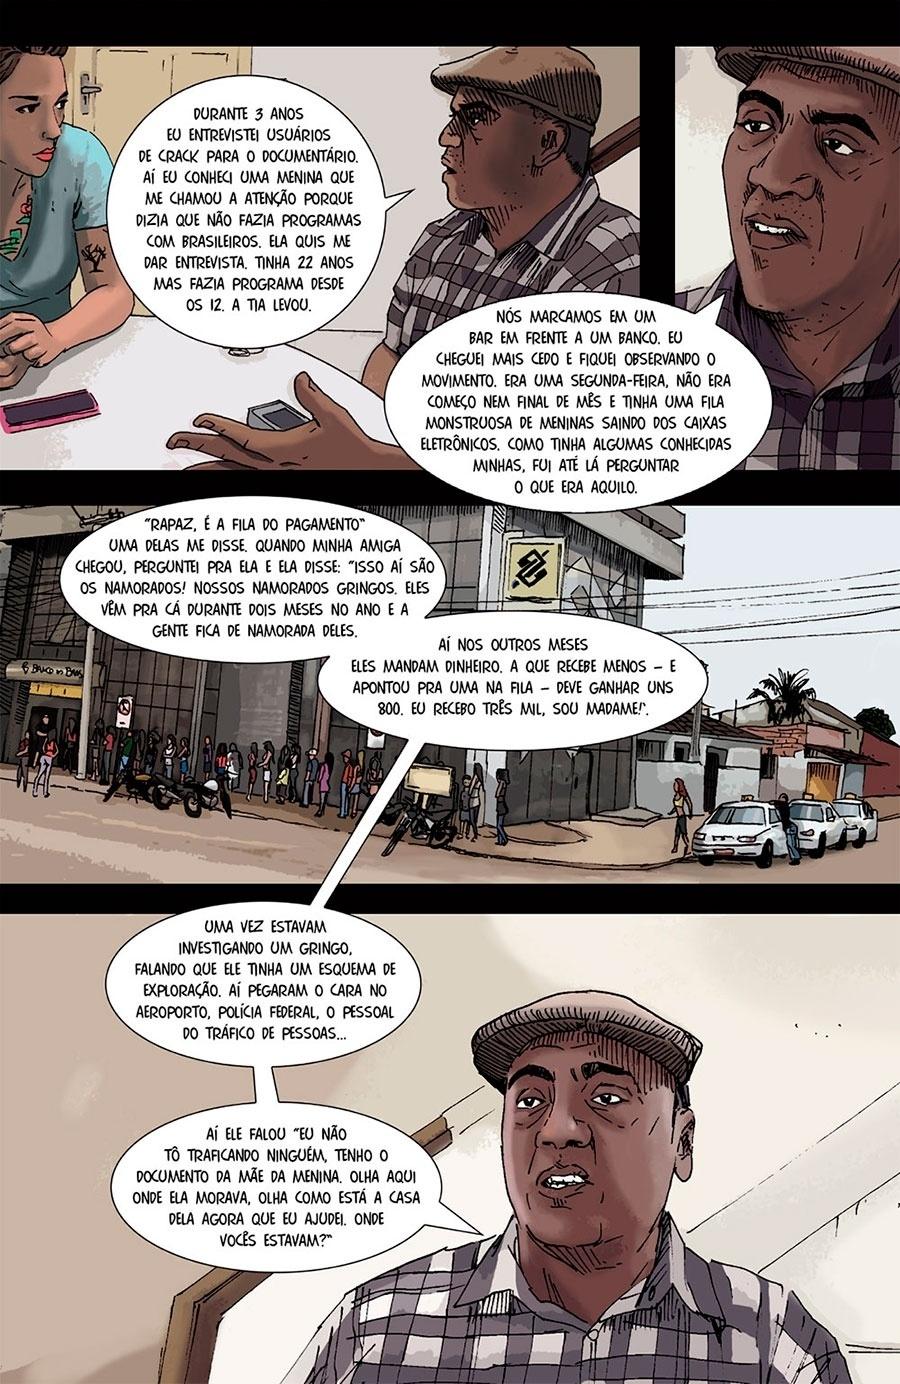 Capítulo 1: Preto Zezé, da Cufa, diz que algumas meninas recebem dinheiro mensalmente de estrangeiros que as conheceram no último verão